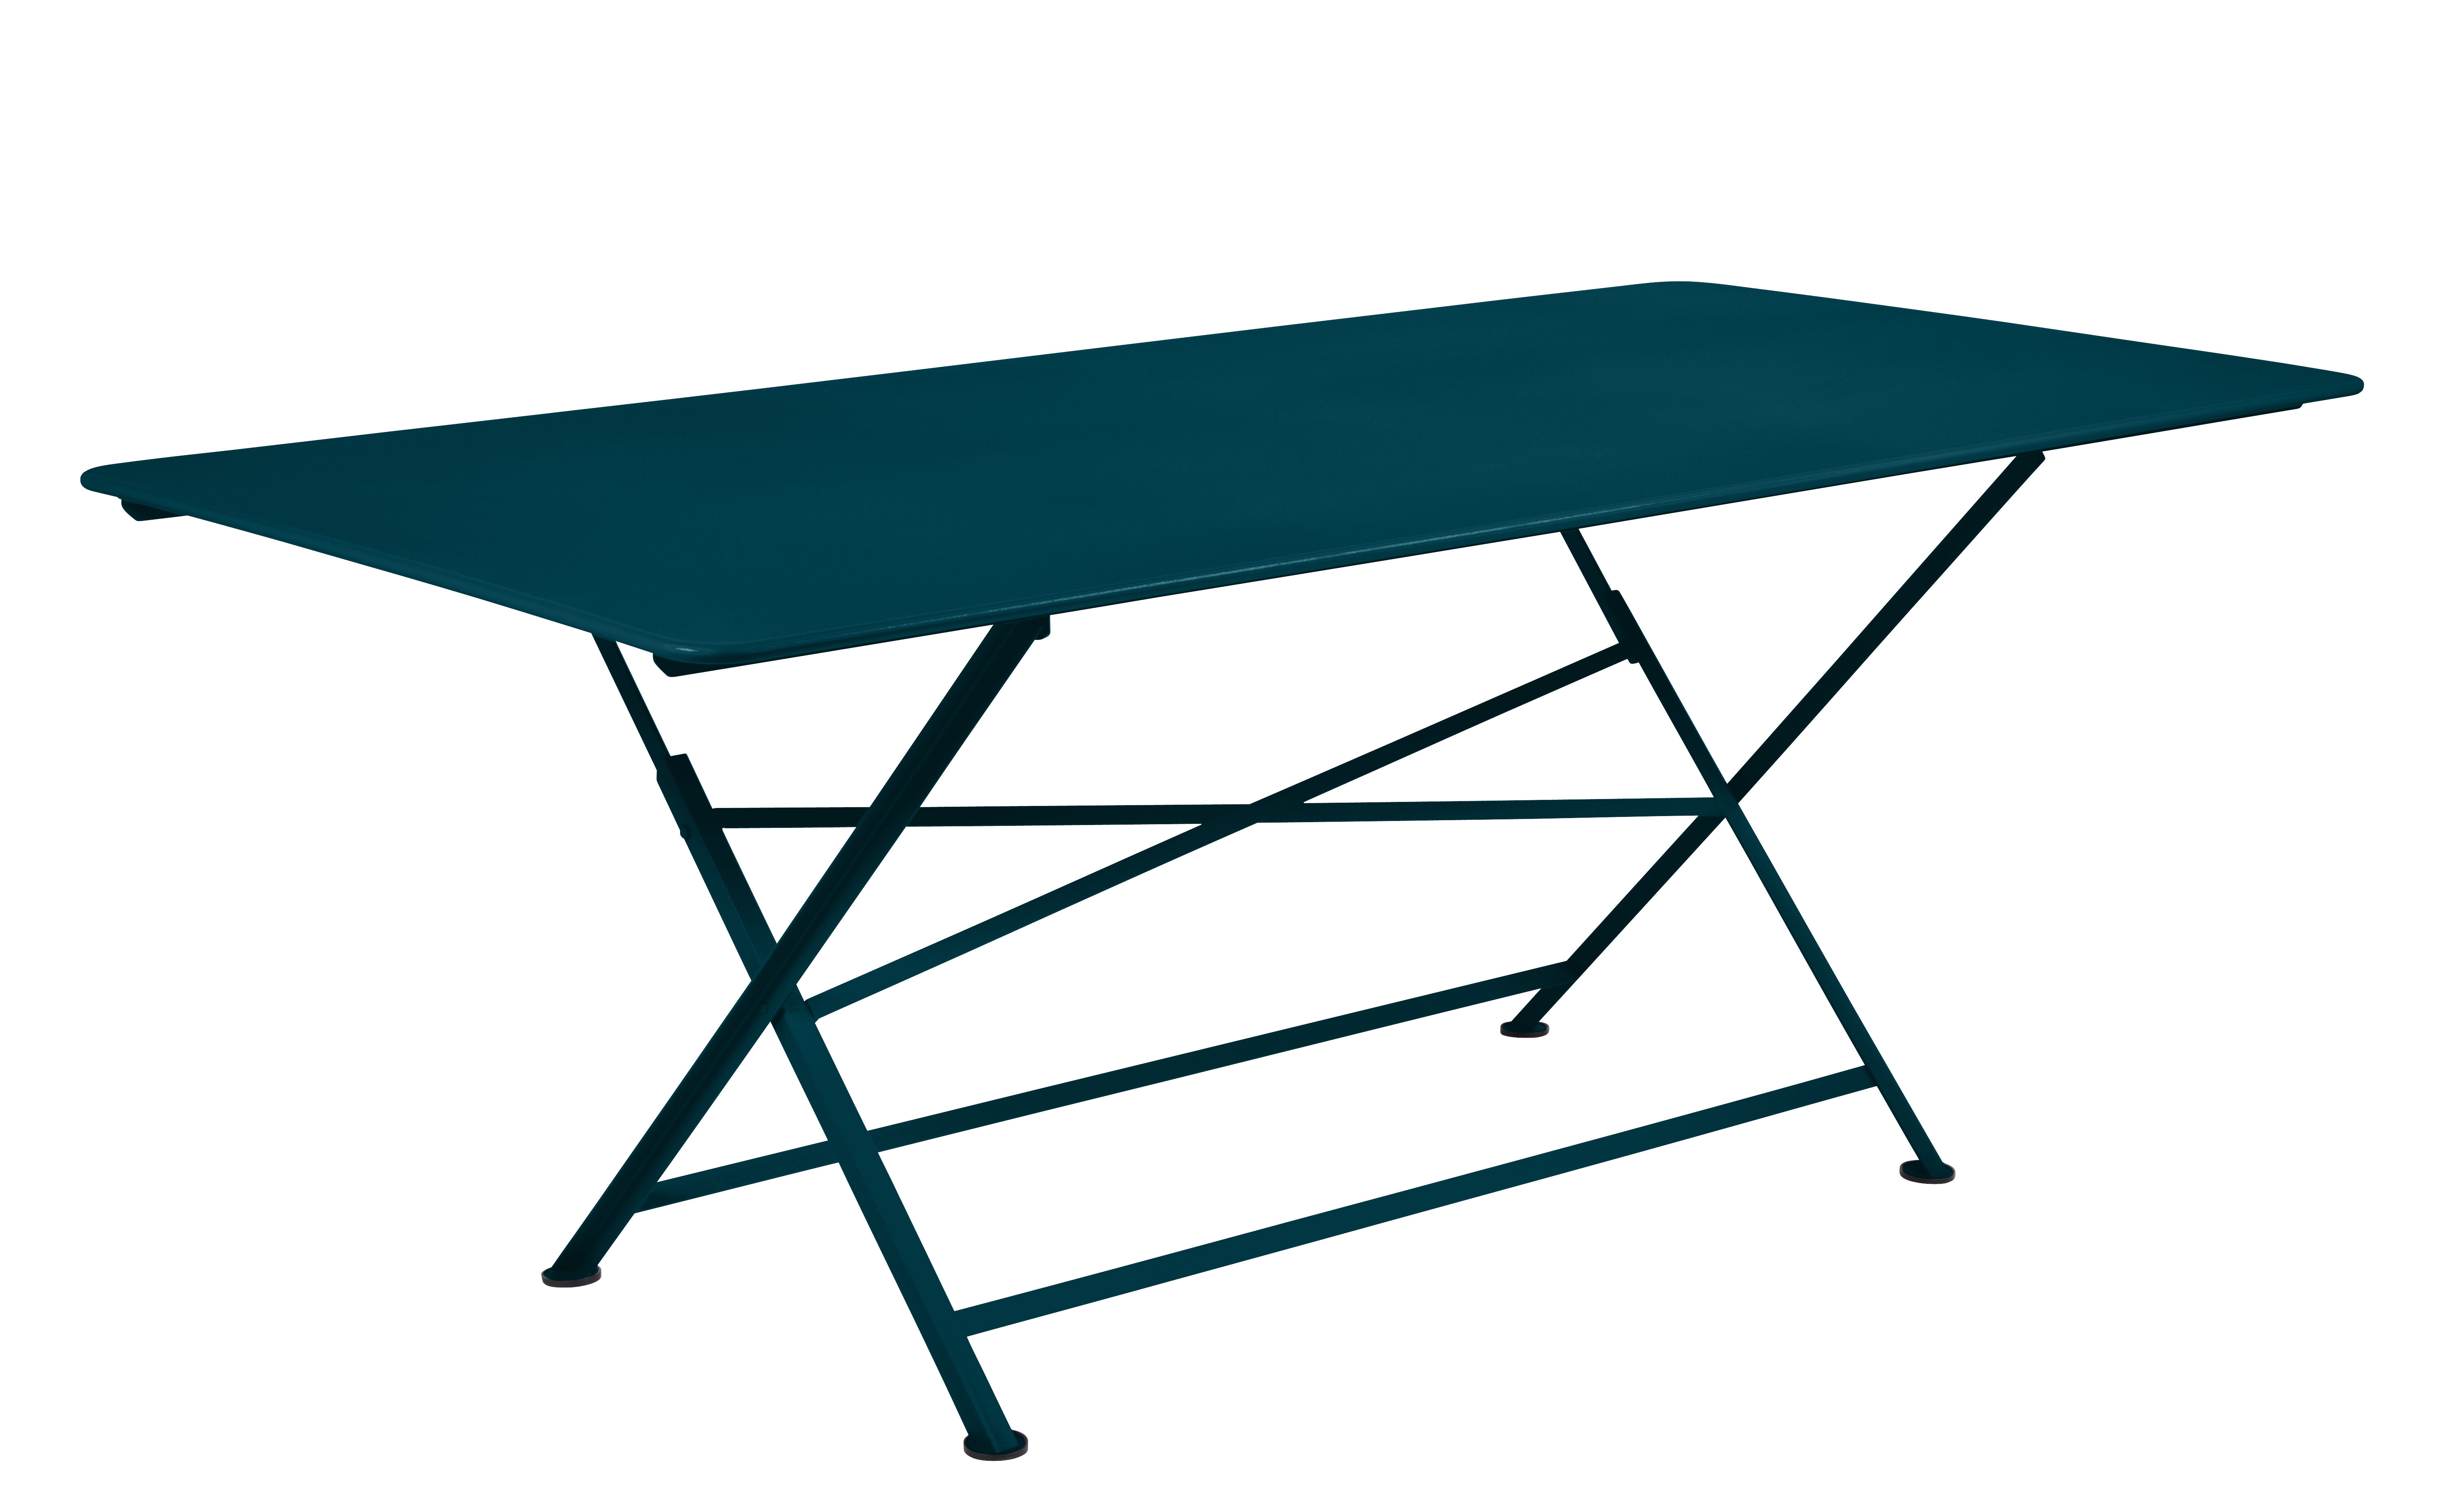 Outdoor - Tables de jardin - Table pliante Cargo / 90 x 190 cm - Fermob - Bleu Acapulco - Acier laqué